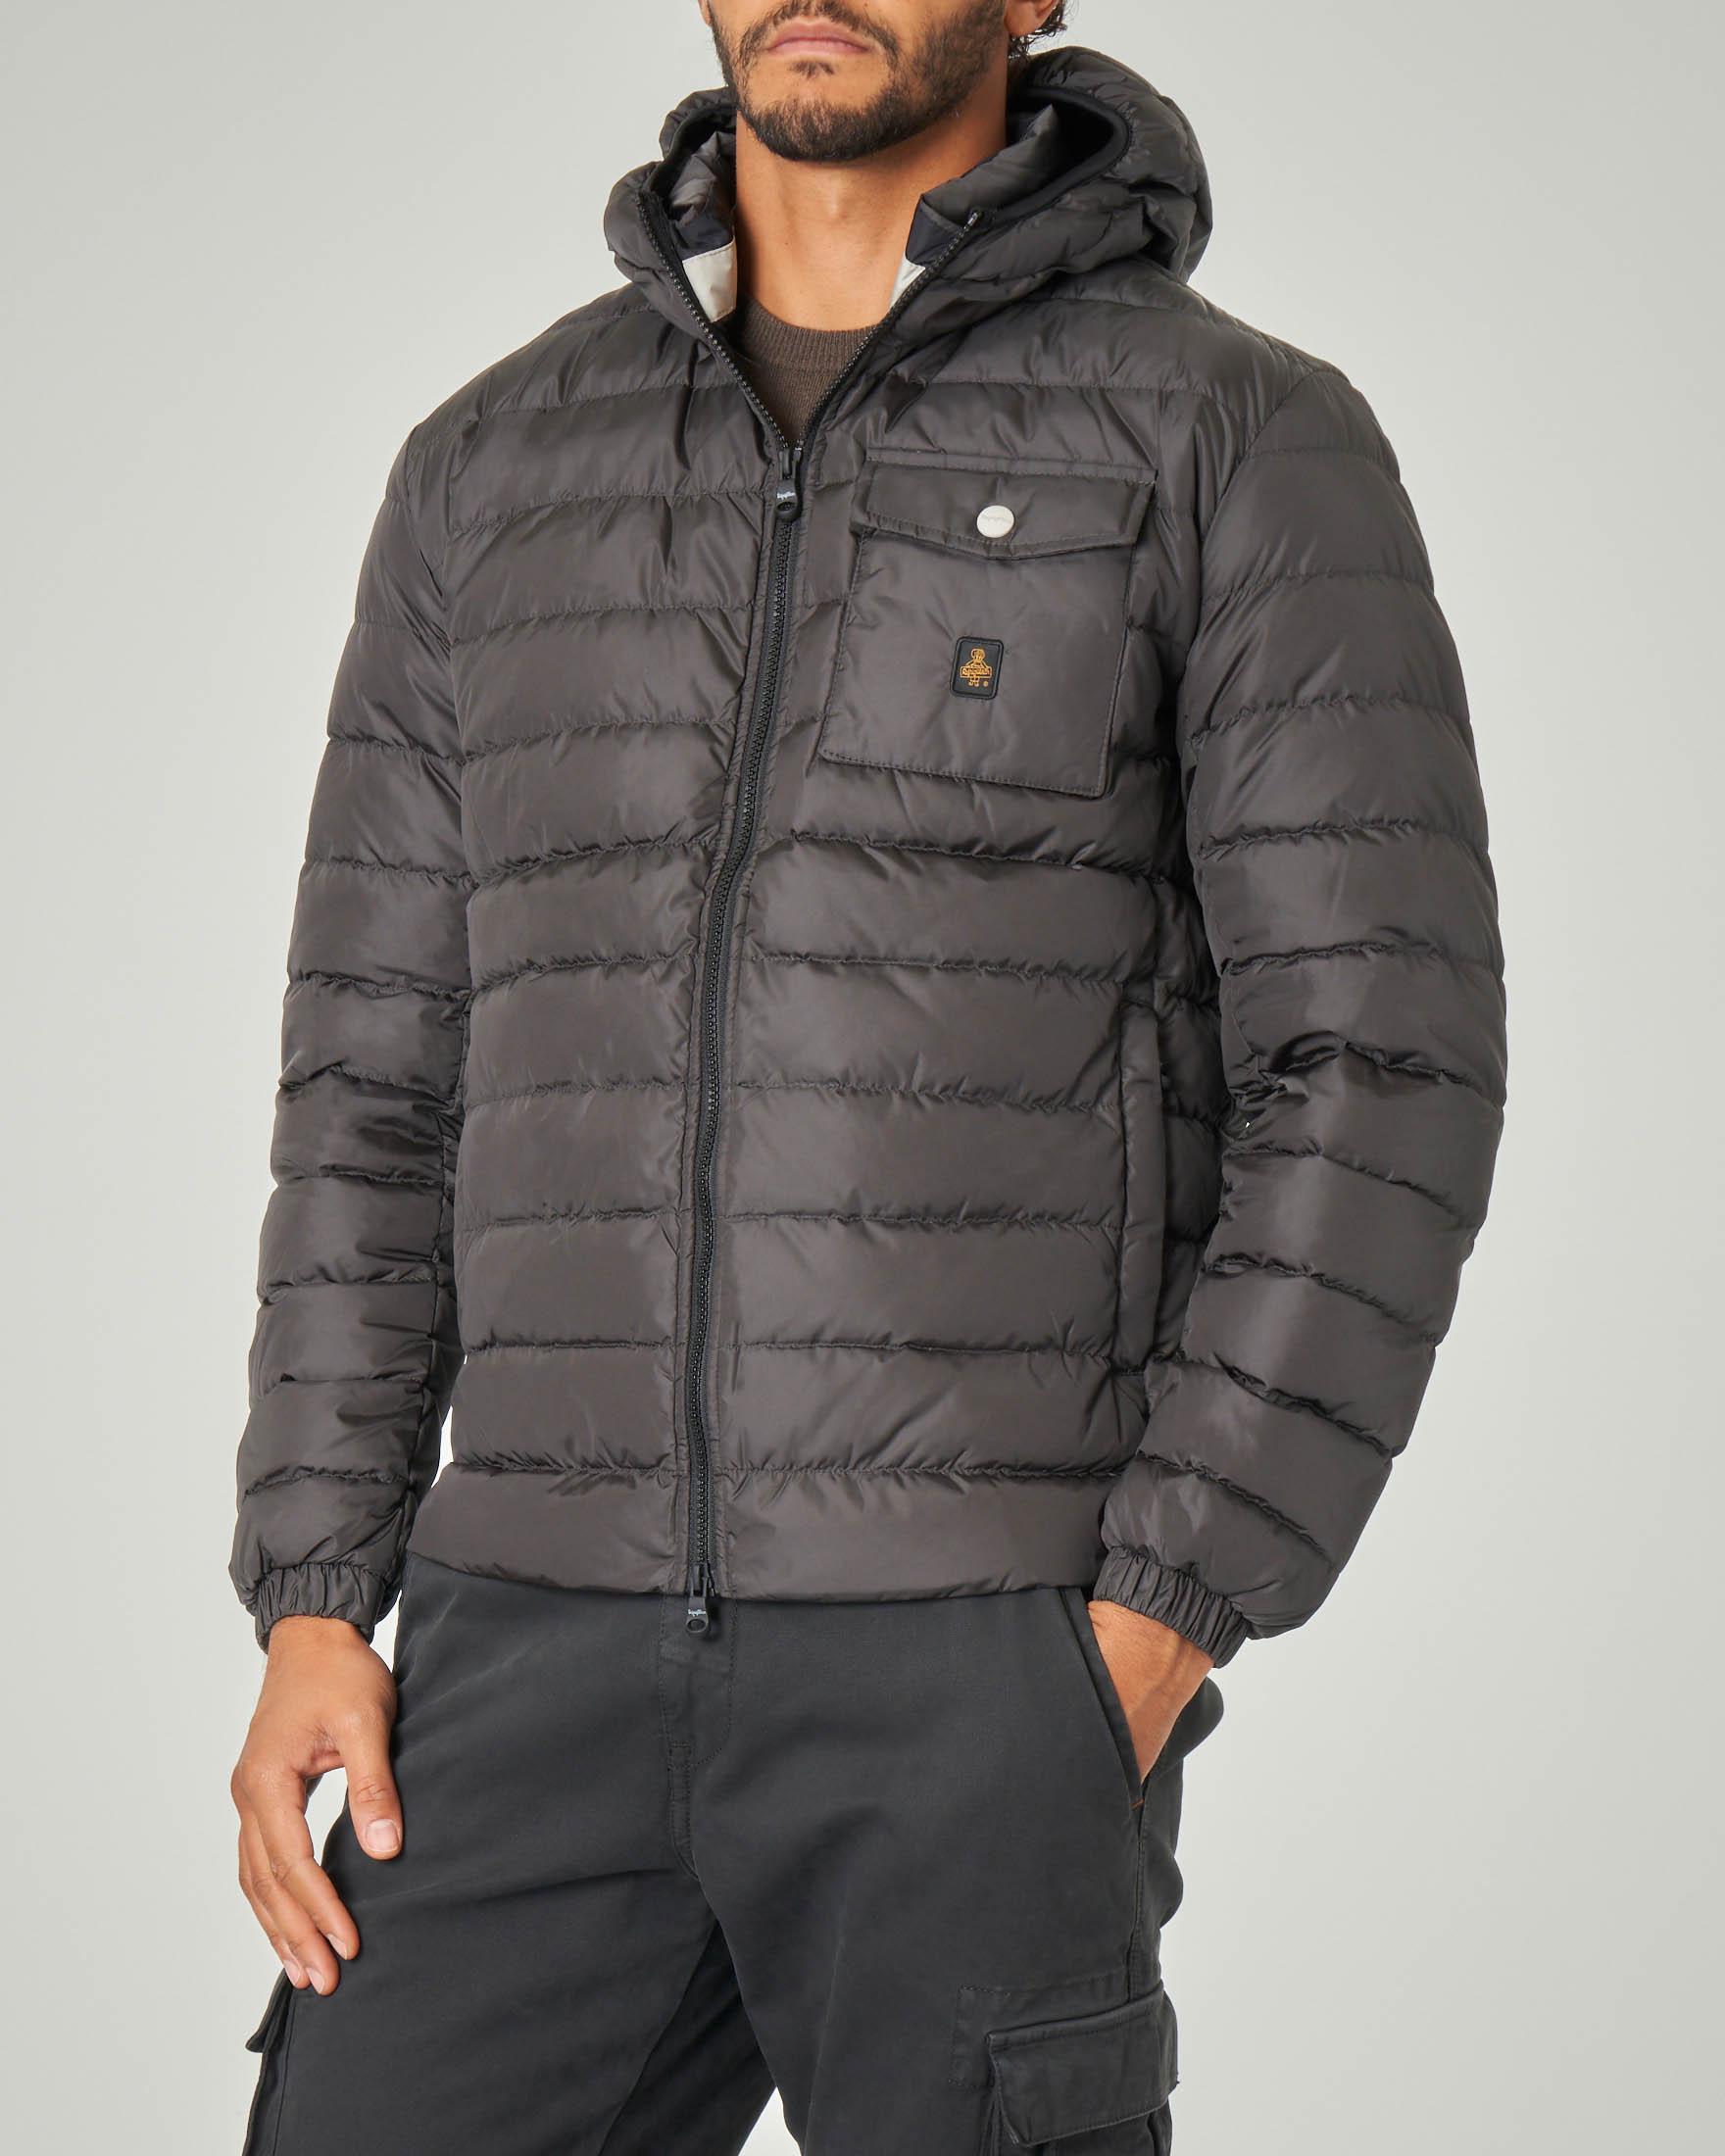 Piumino Hunter Jacket grigio antracite | Pellizzari E commerce